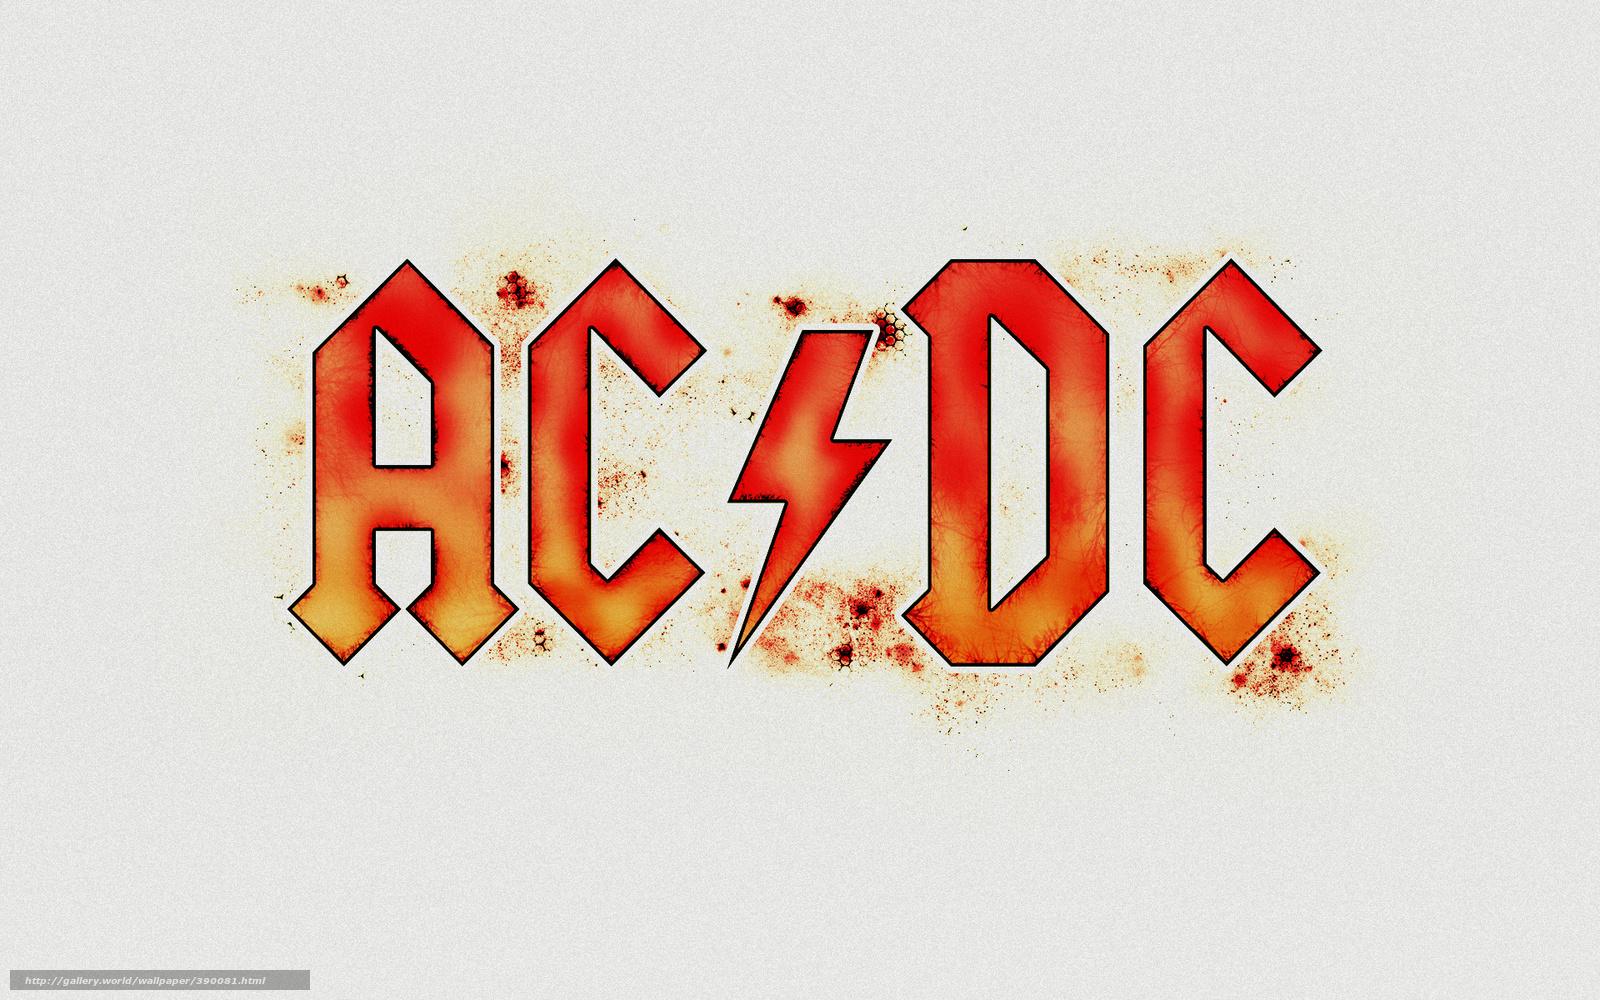 壁紙をダウンロード Ac Dc 音楽 音楽 デスクトップの解像度のための無料壁紙 19x10 絵